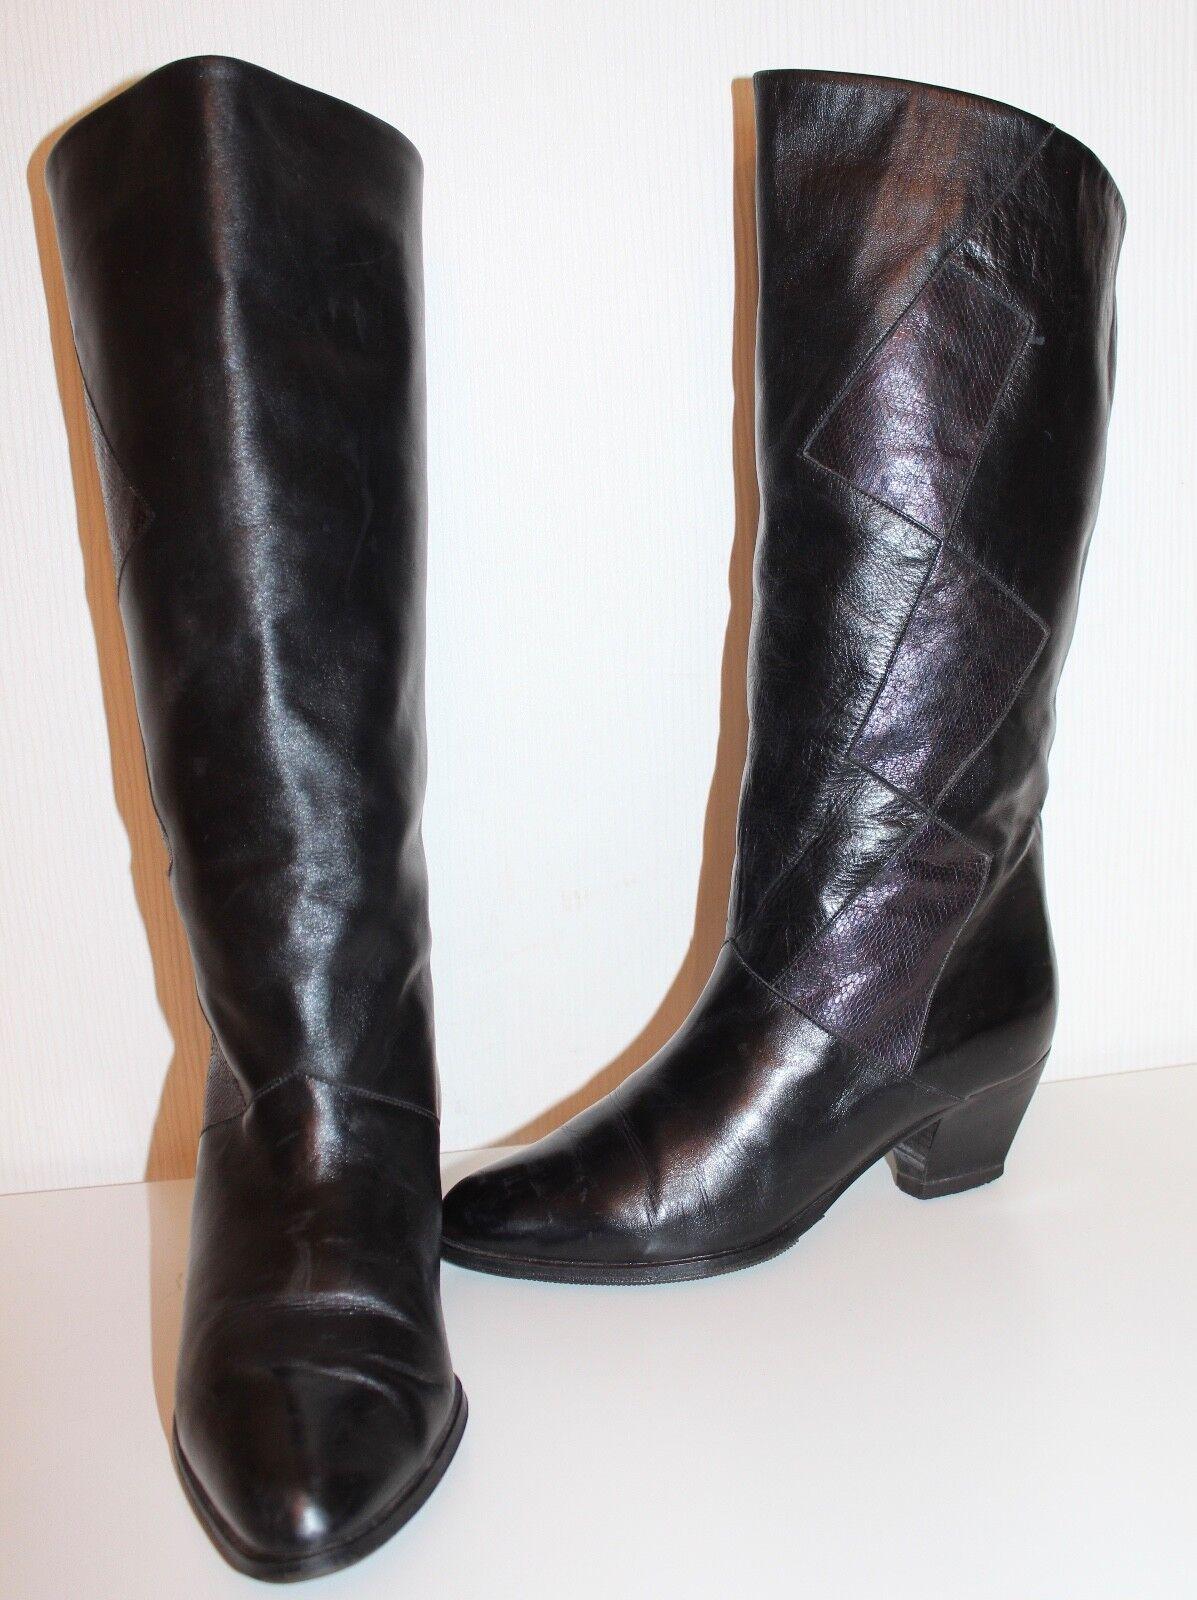 Peter emperador 80er vintage 80s VTG botas de cuero marrón 36 Leather slouch botas